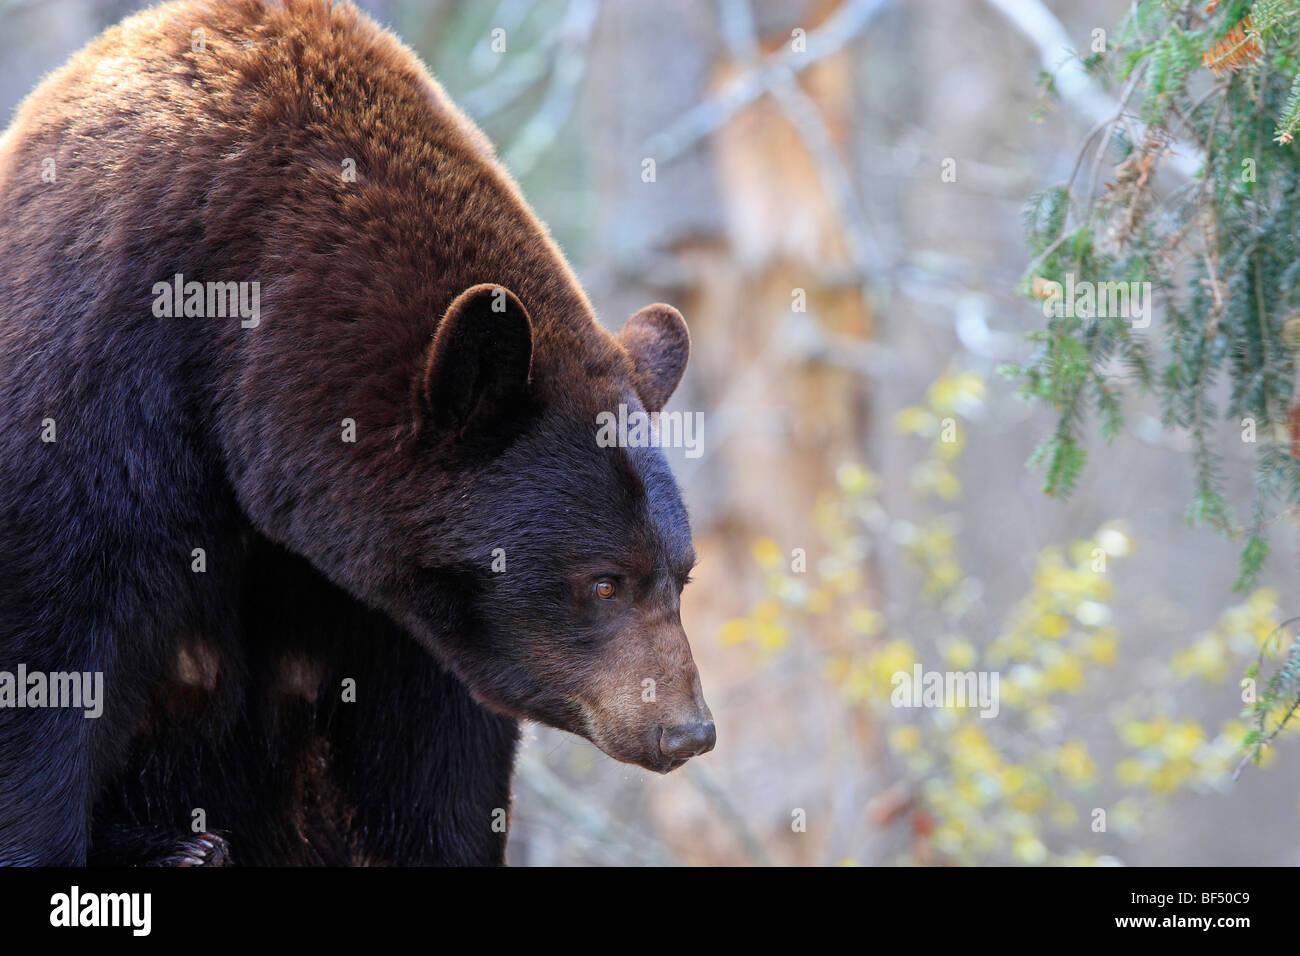 Oso negro americano (Ursus americanus). Adulto Cinnamon Bear en el bosque. Imagen De Stock